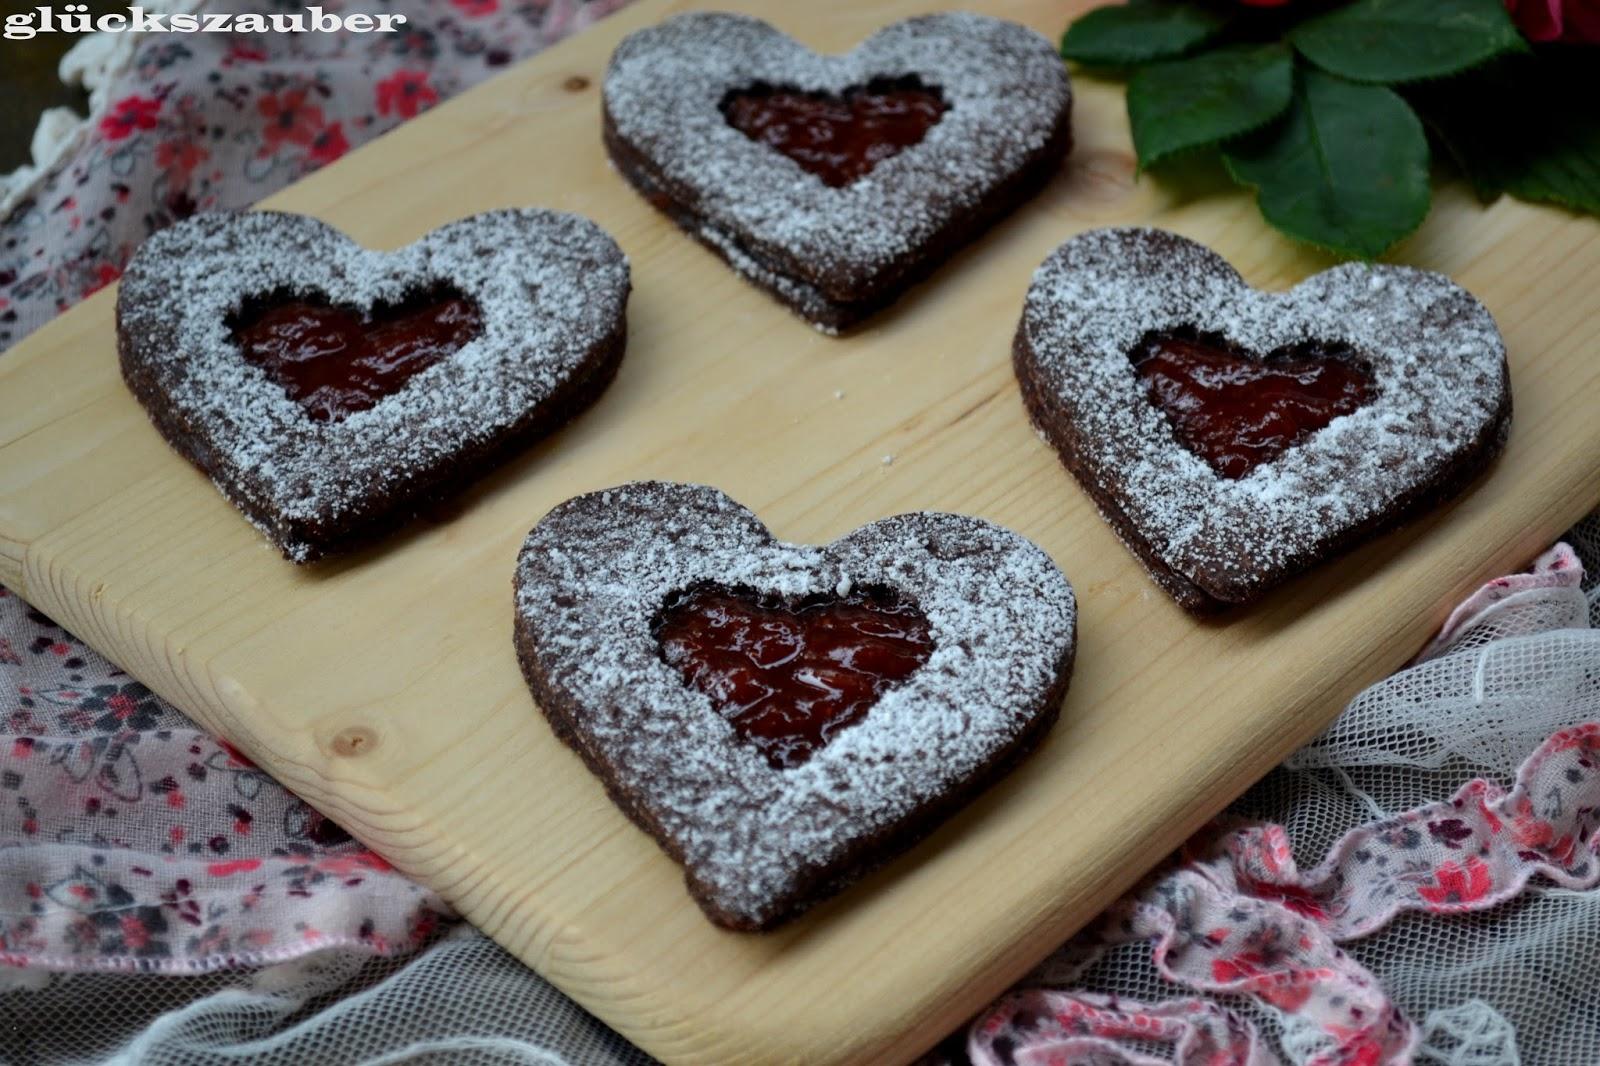 gl ckszauber schokoherzen mit marmelade zum valentinstag und schneespaziergang. Black Bedroom Furniture Sets. Home Design Ideas